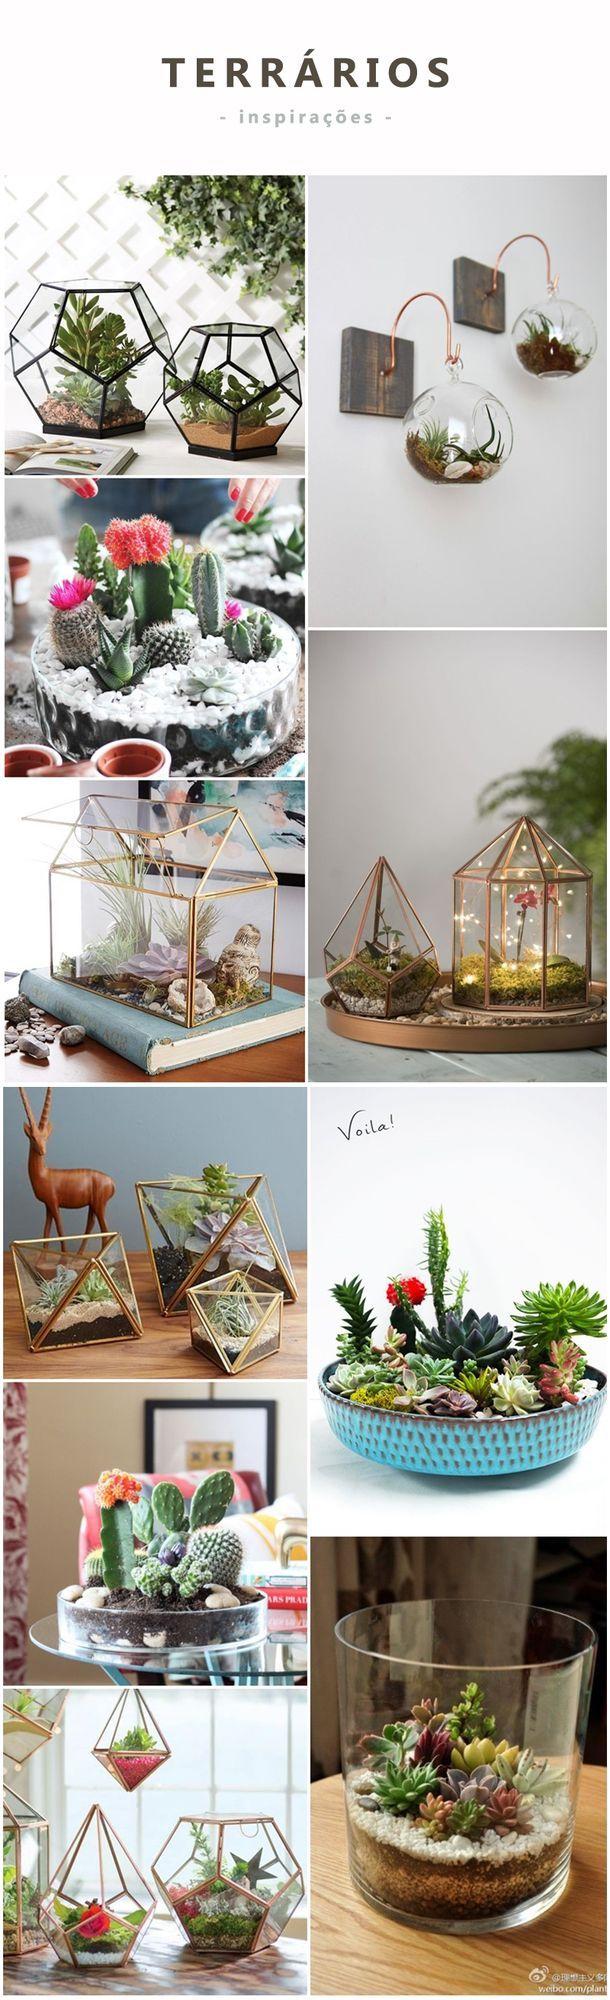 Também chamados de micro-jardins, os terrários são mini ecossistemas cultivados em recipientes de vidro, trazendo a natureza para dentro de casa. Os terrários têm conquistado cada vez mais os corações